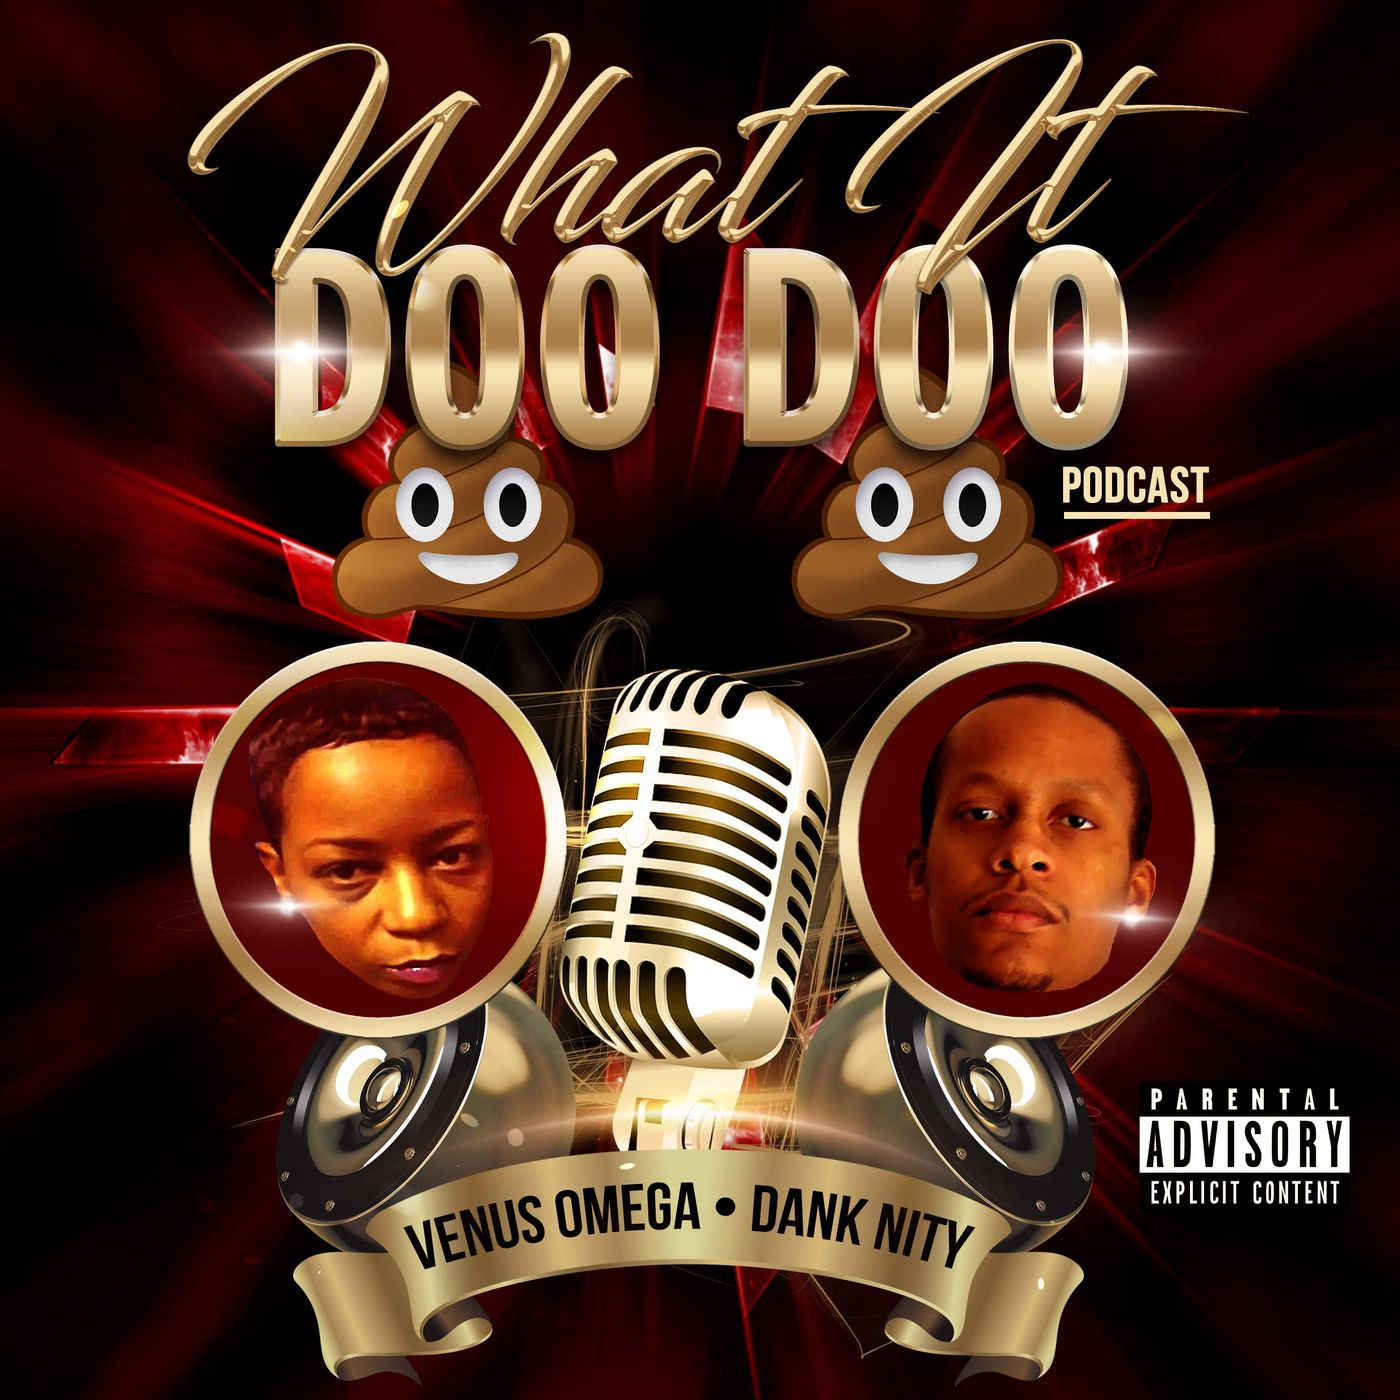 What It Doo Doo